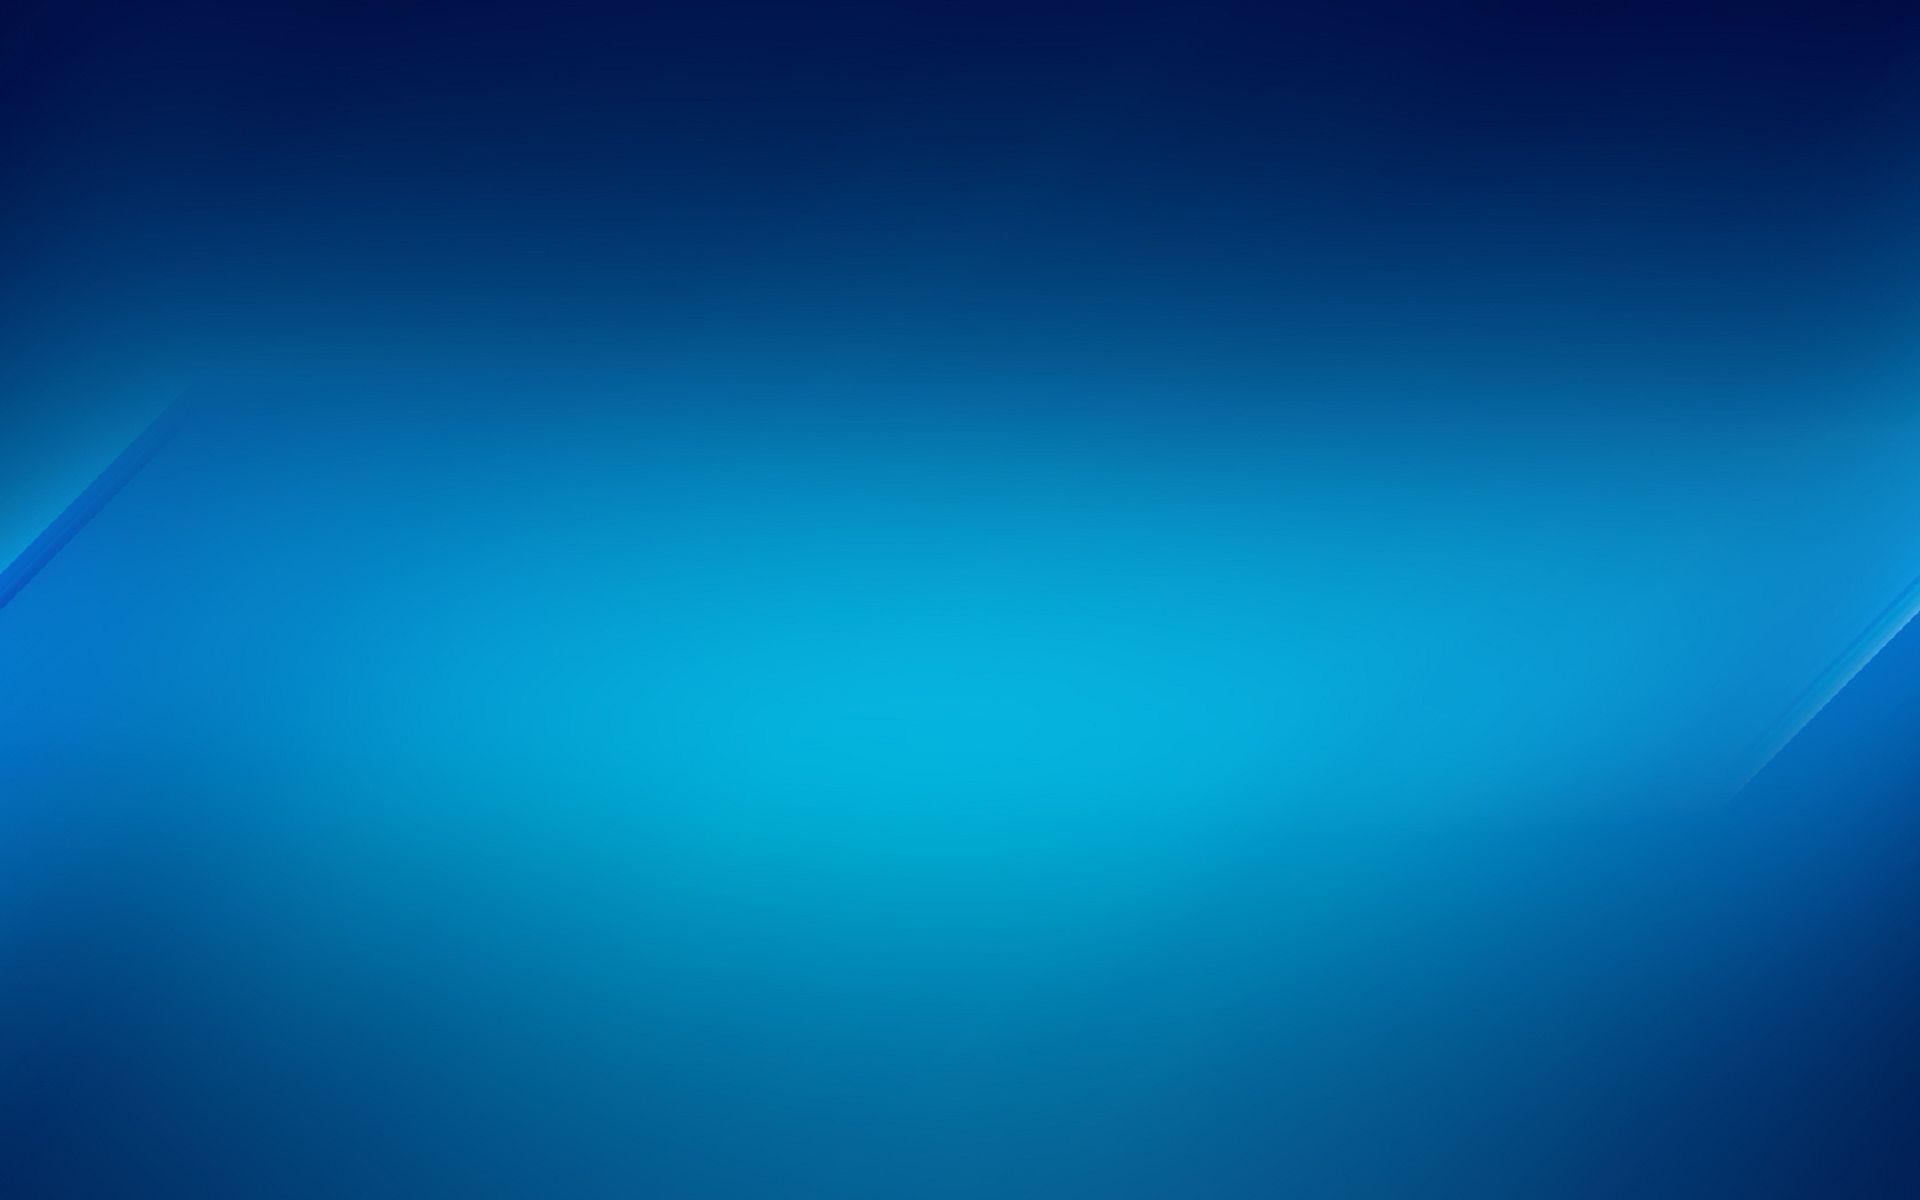 blue 39768